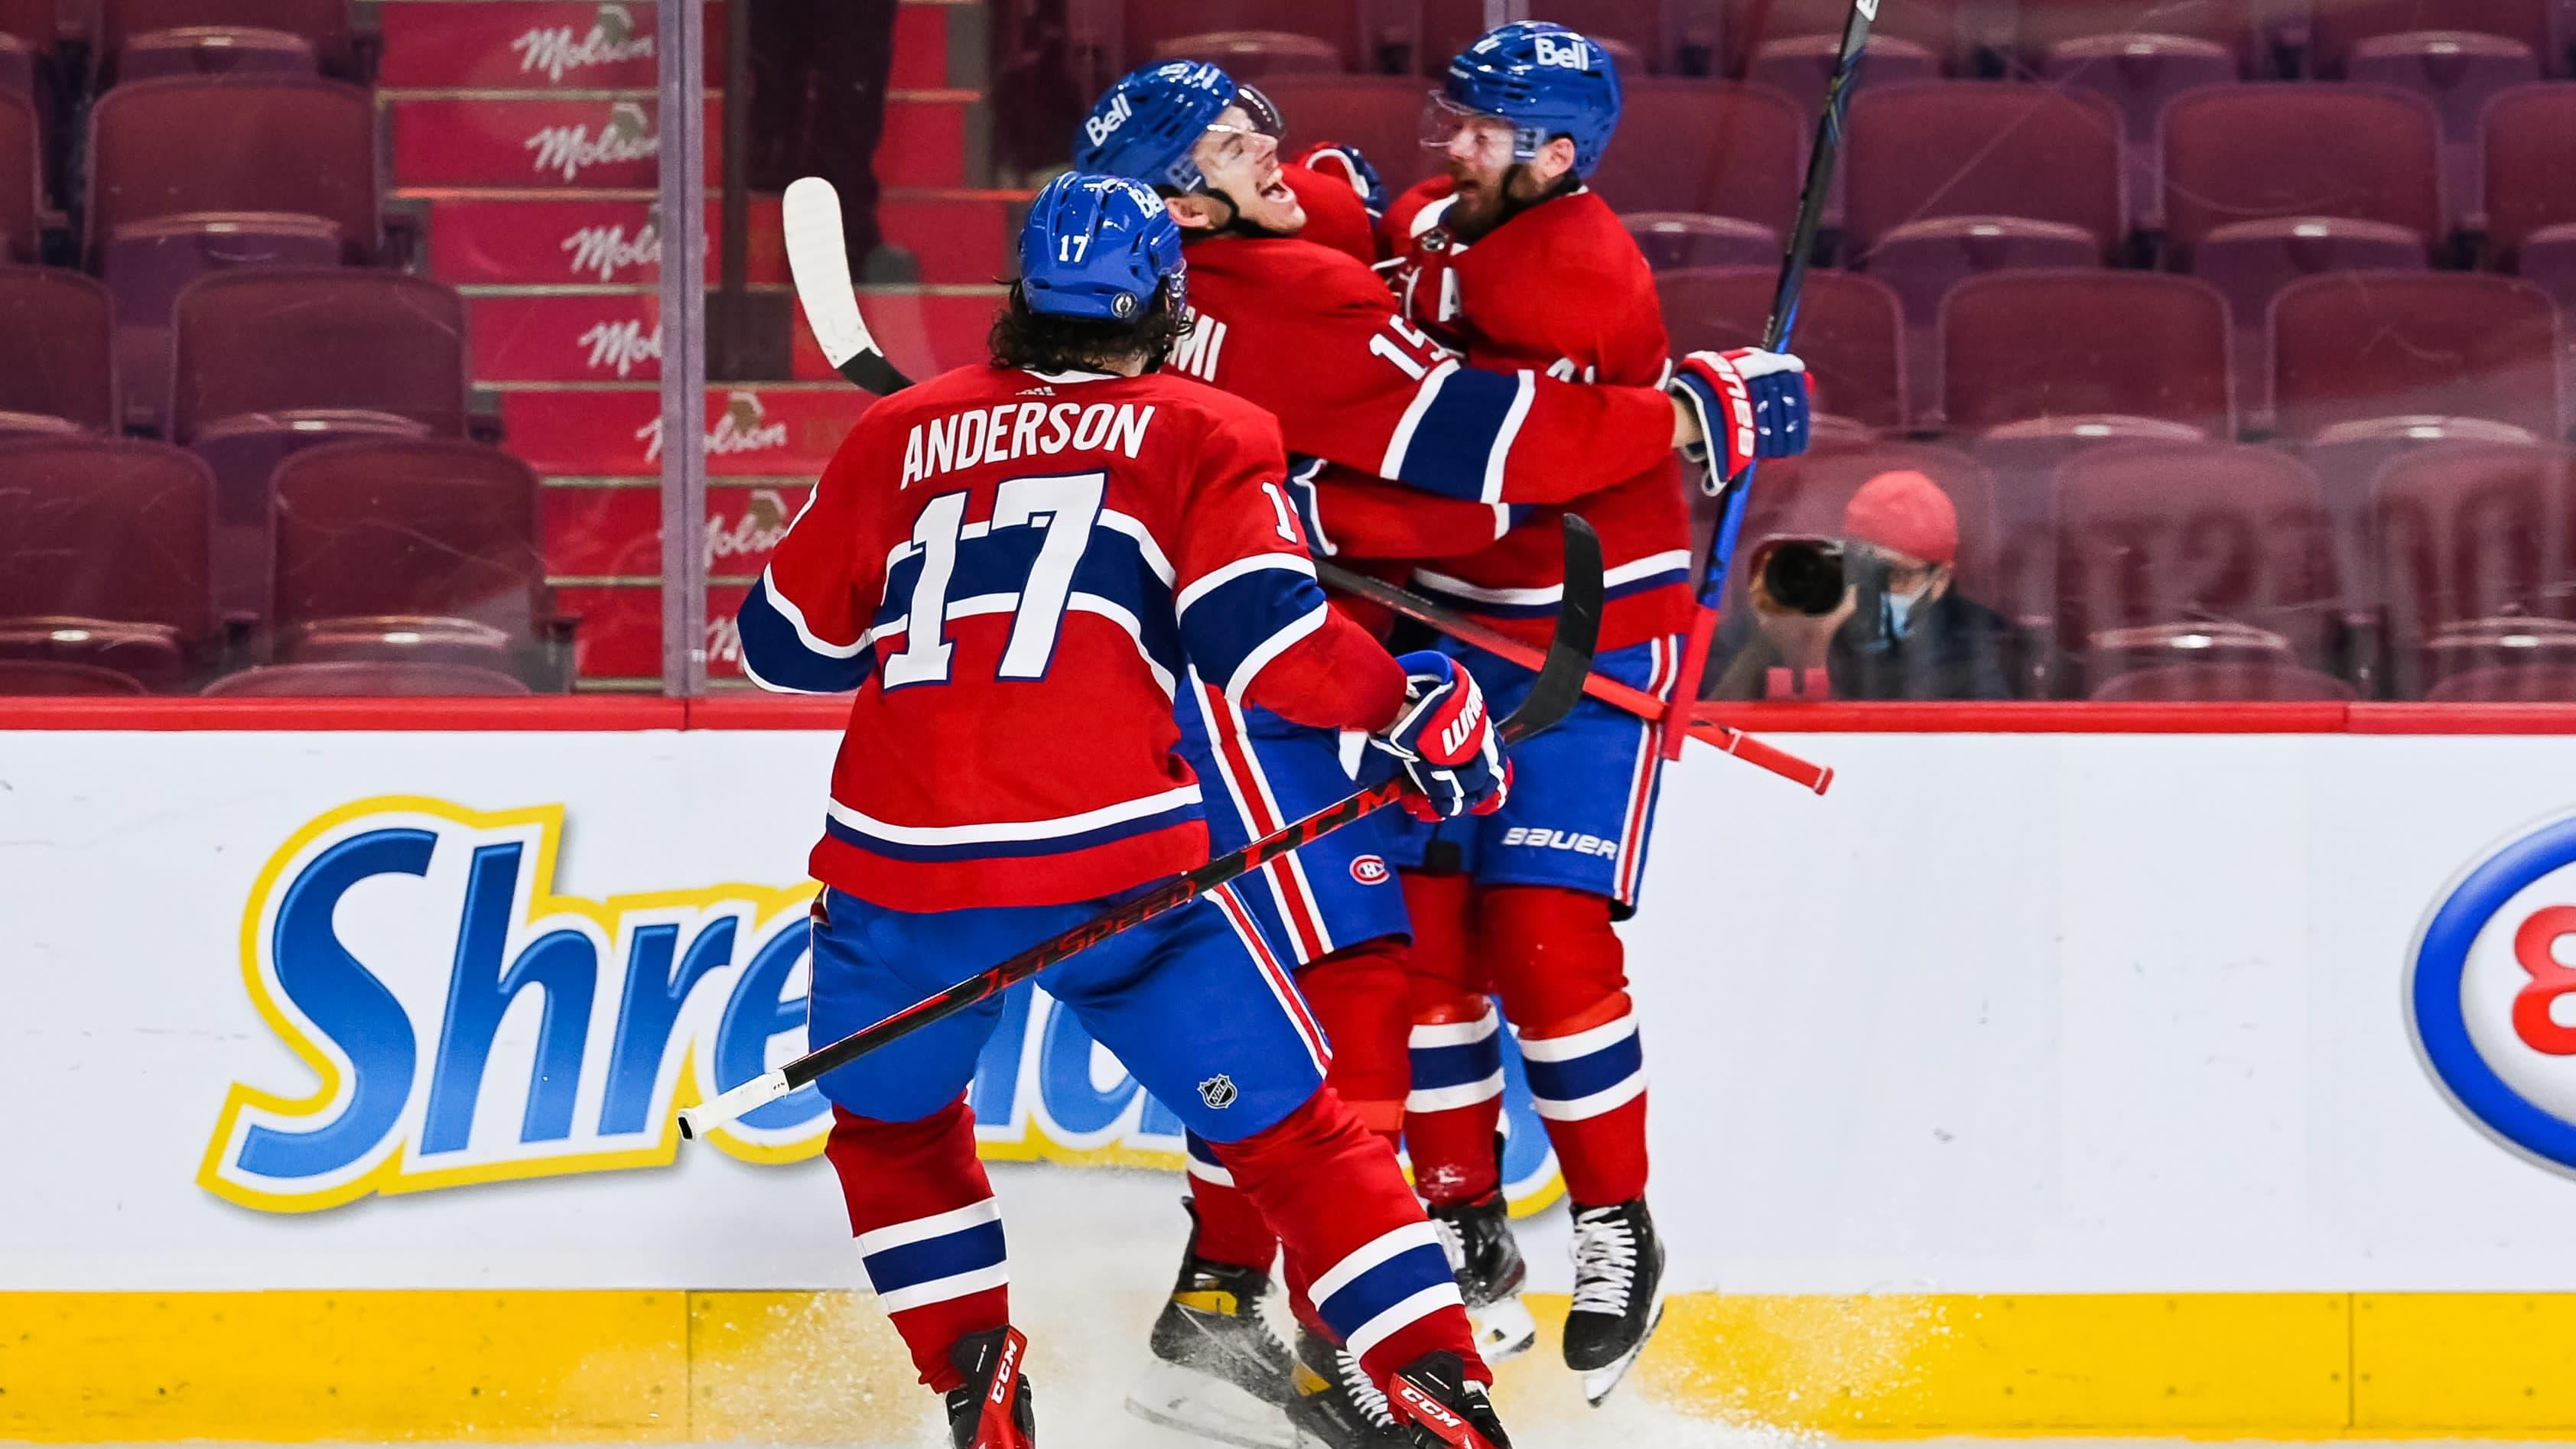 Jesperi Kotkaniemi nousi Montreal Canadiensin sankariksi jatkoaikamaalillaan.